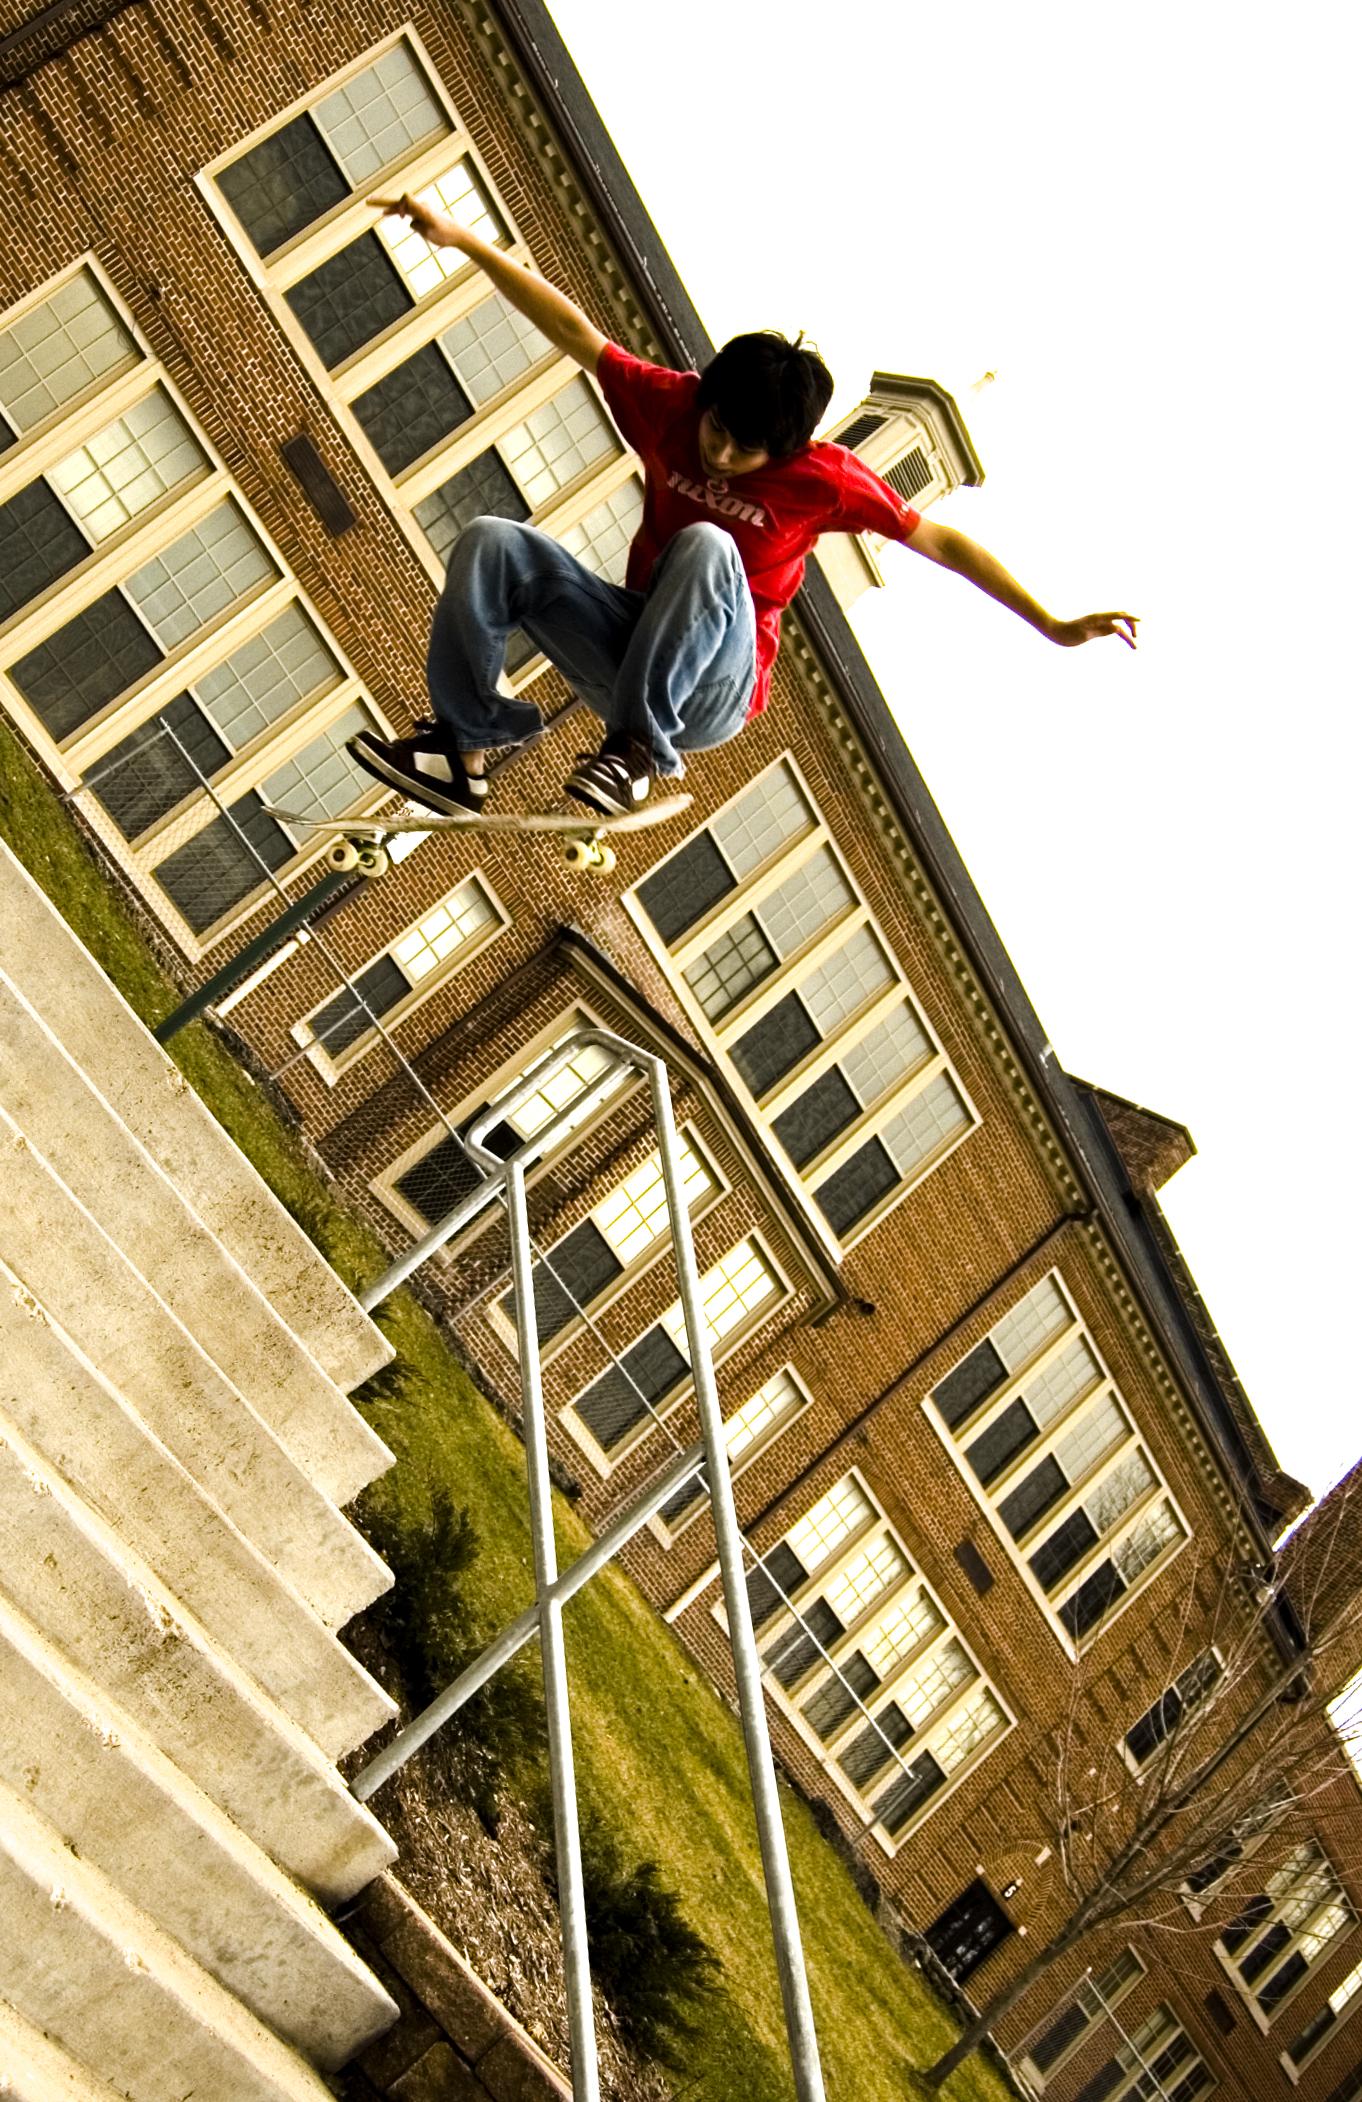 02_skate or die.jpg